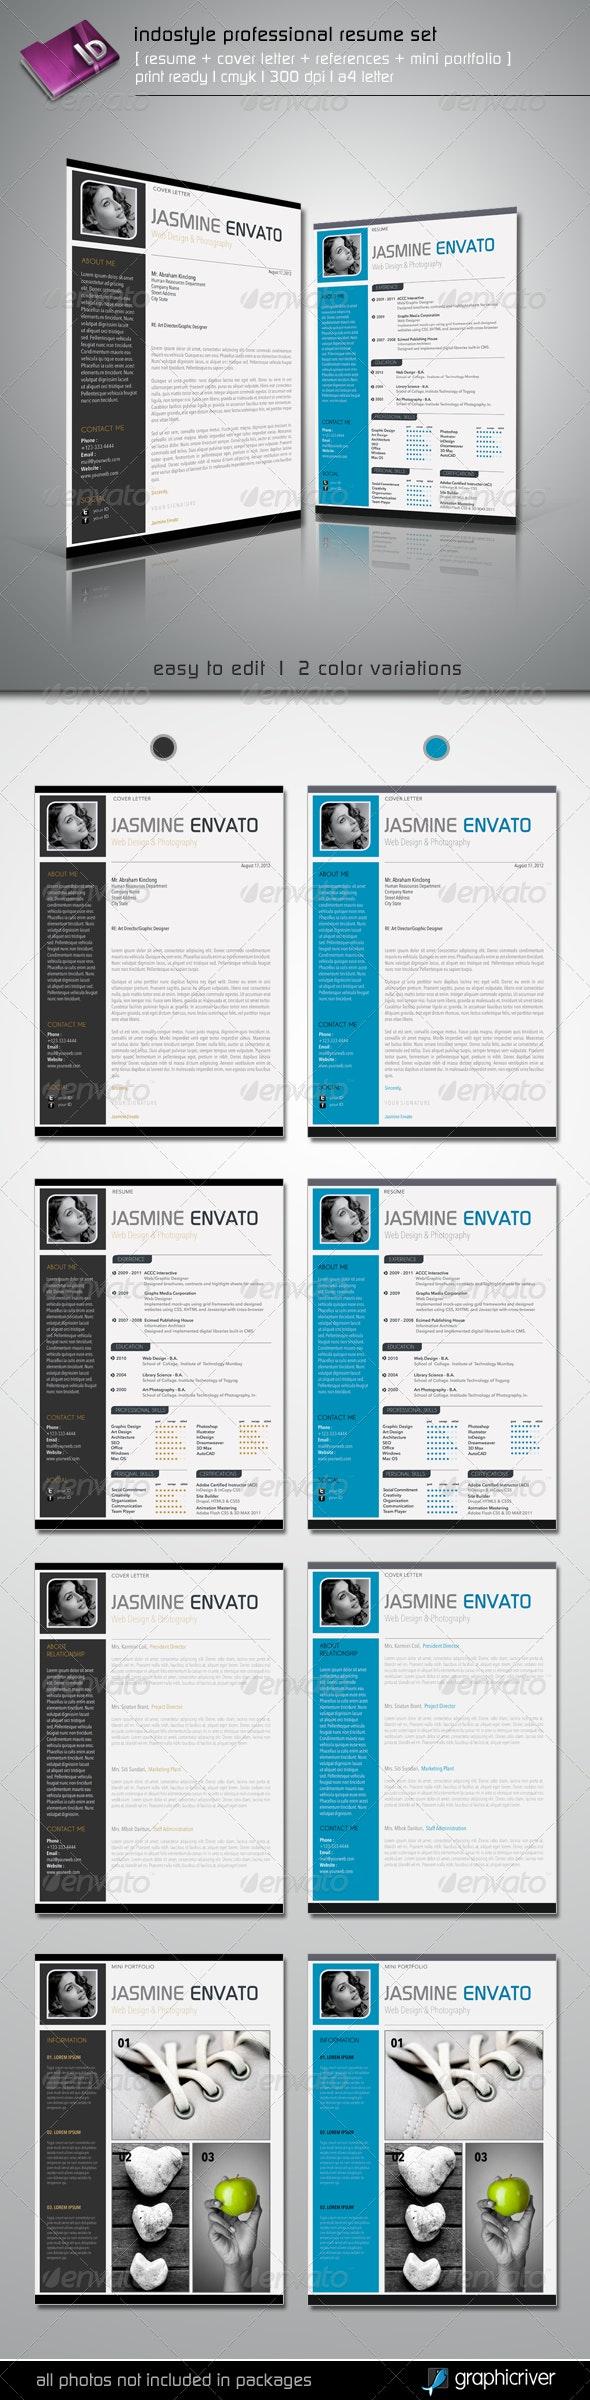 Indostyle Professional Resume Set - Resumes Stationery